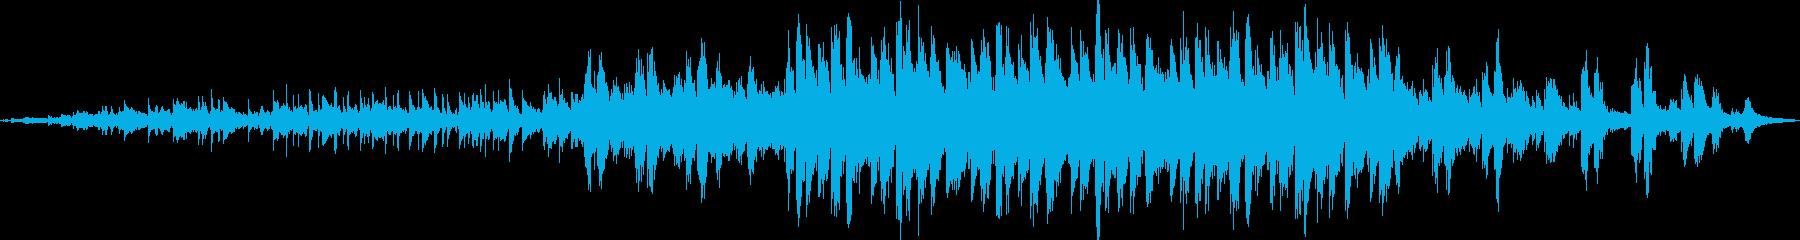 木琴の音から始まる壮大でかわいい曲の再生済みの波形